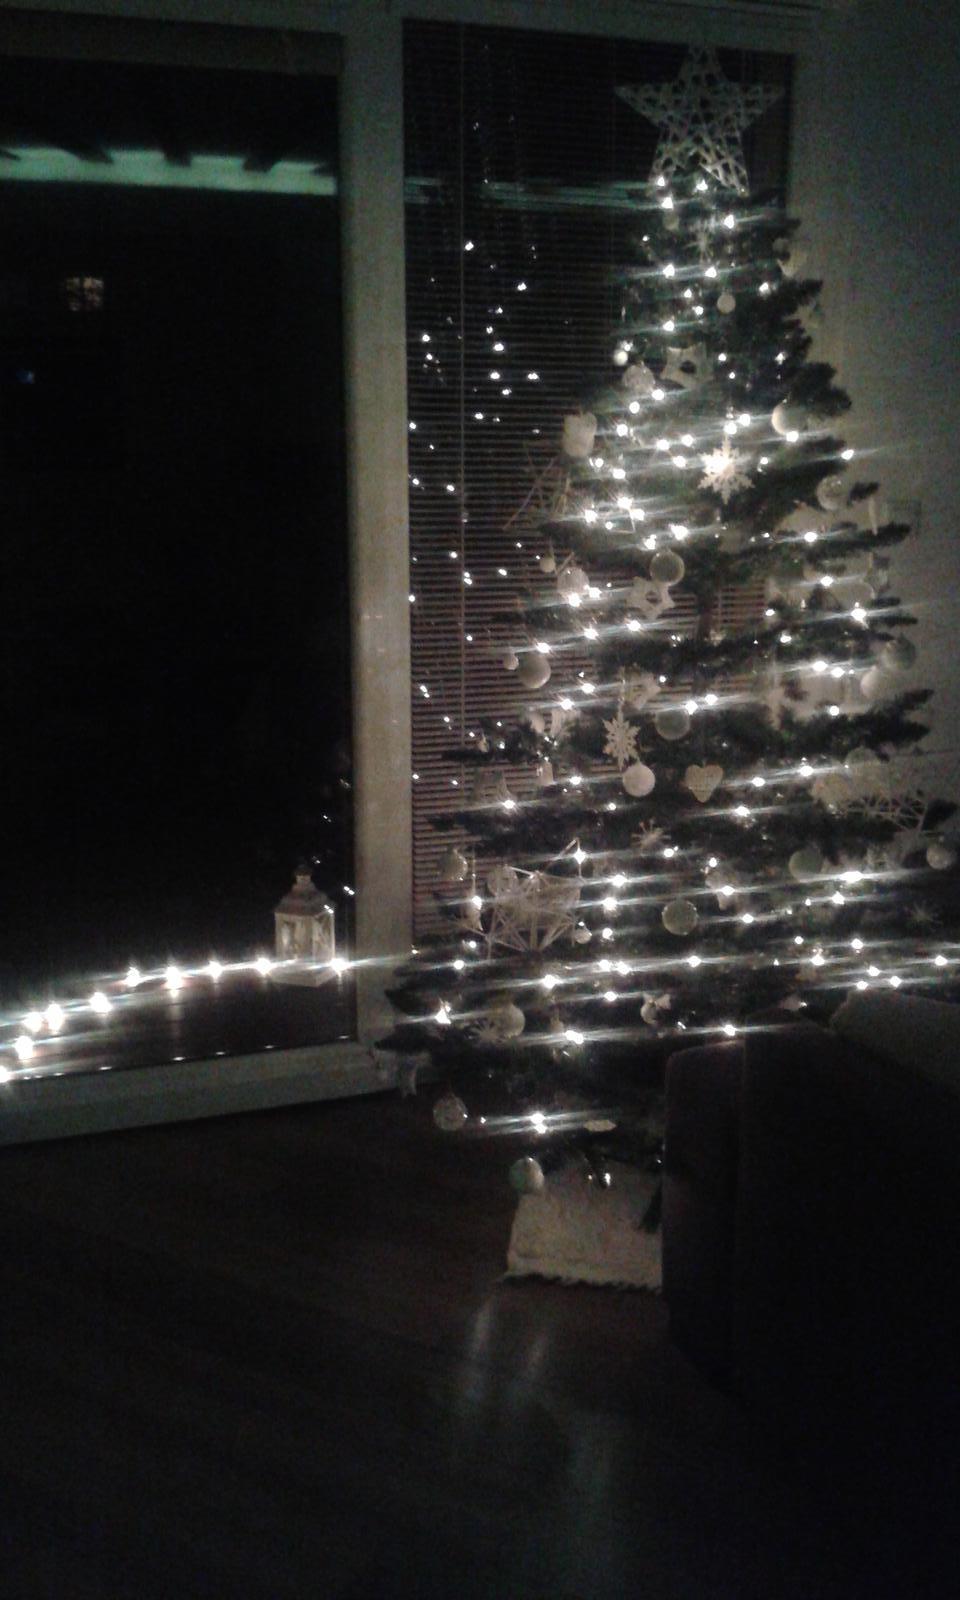 Náš dom ALEX - stastne a vesele Vianoce a stastny novy rok 2015